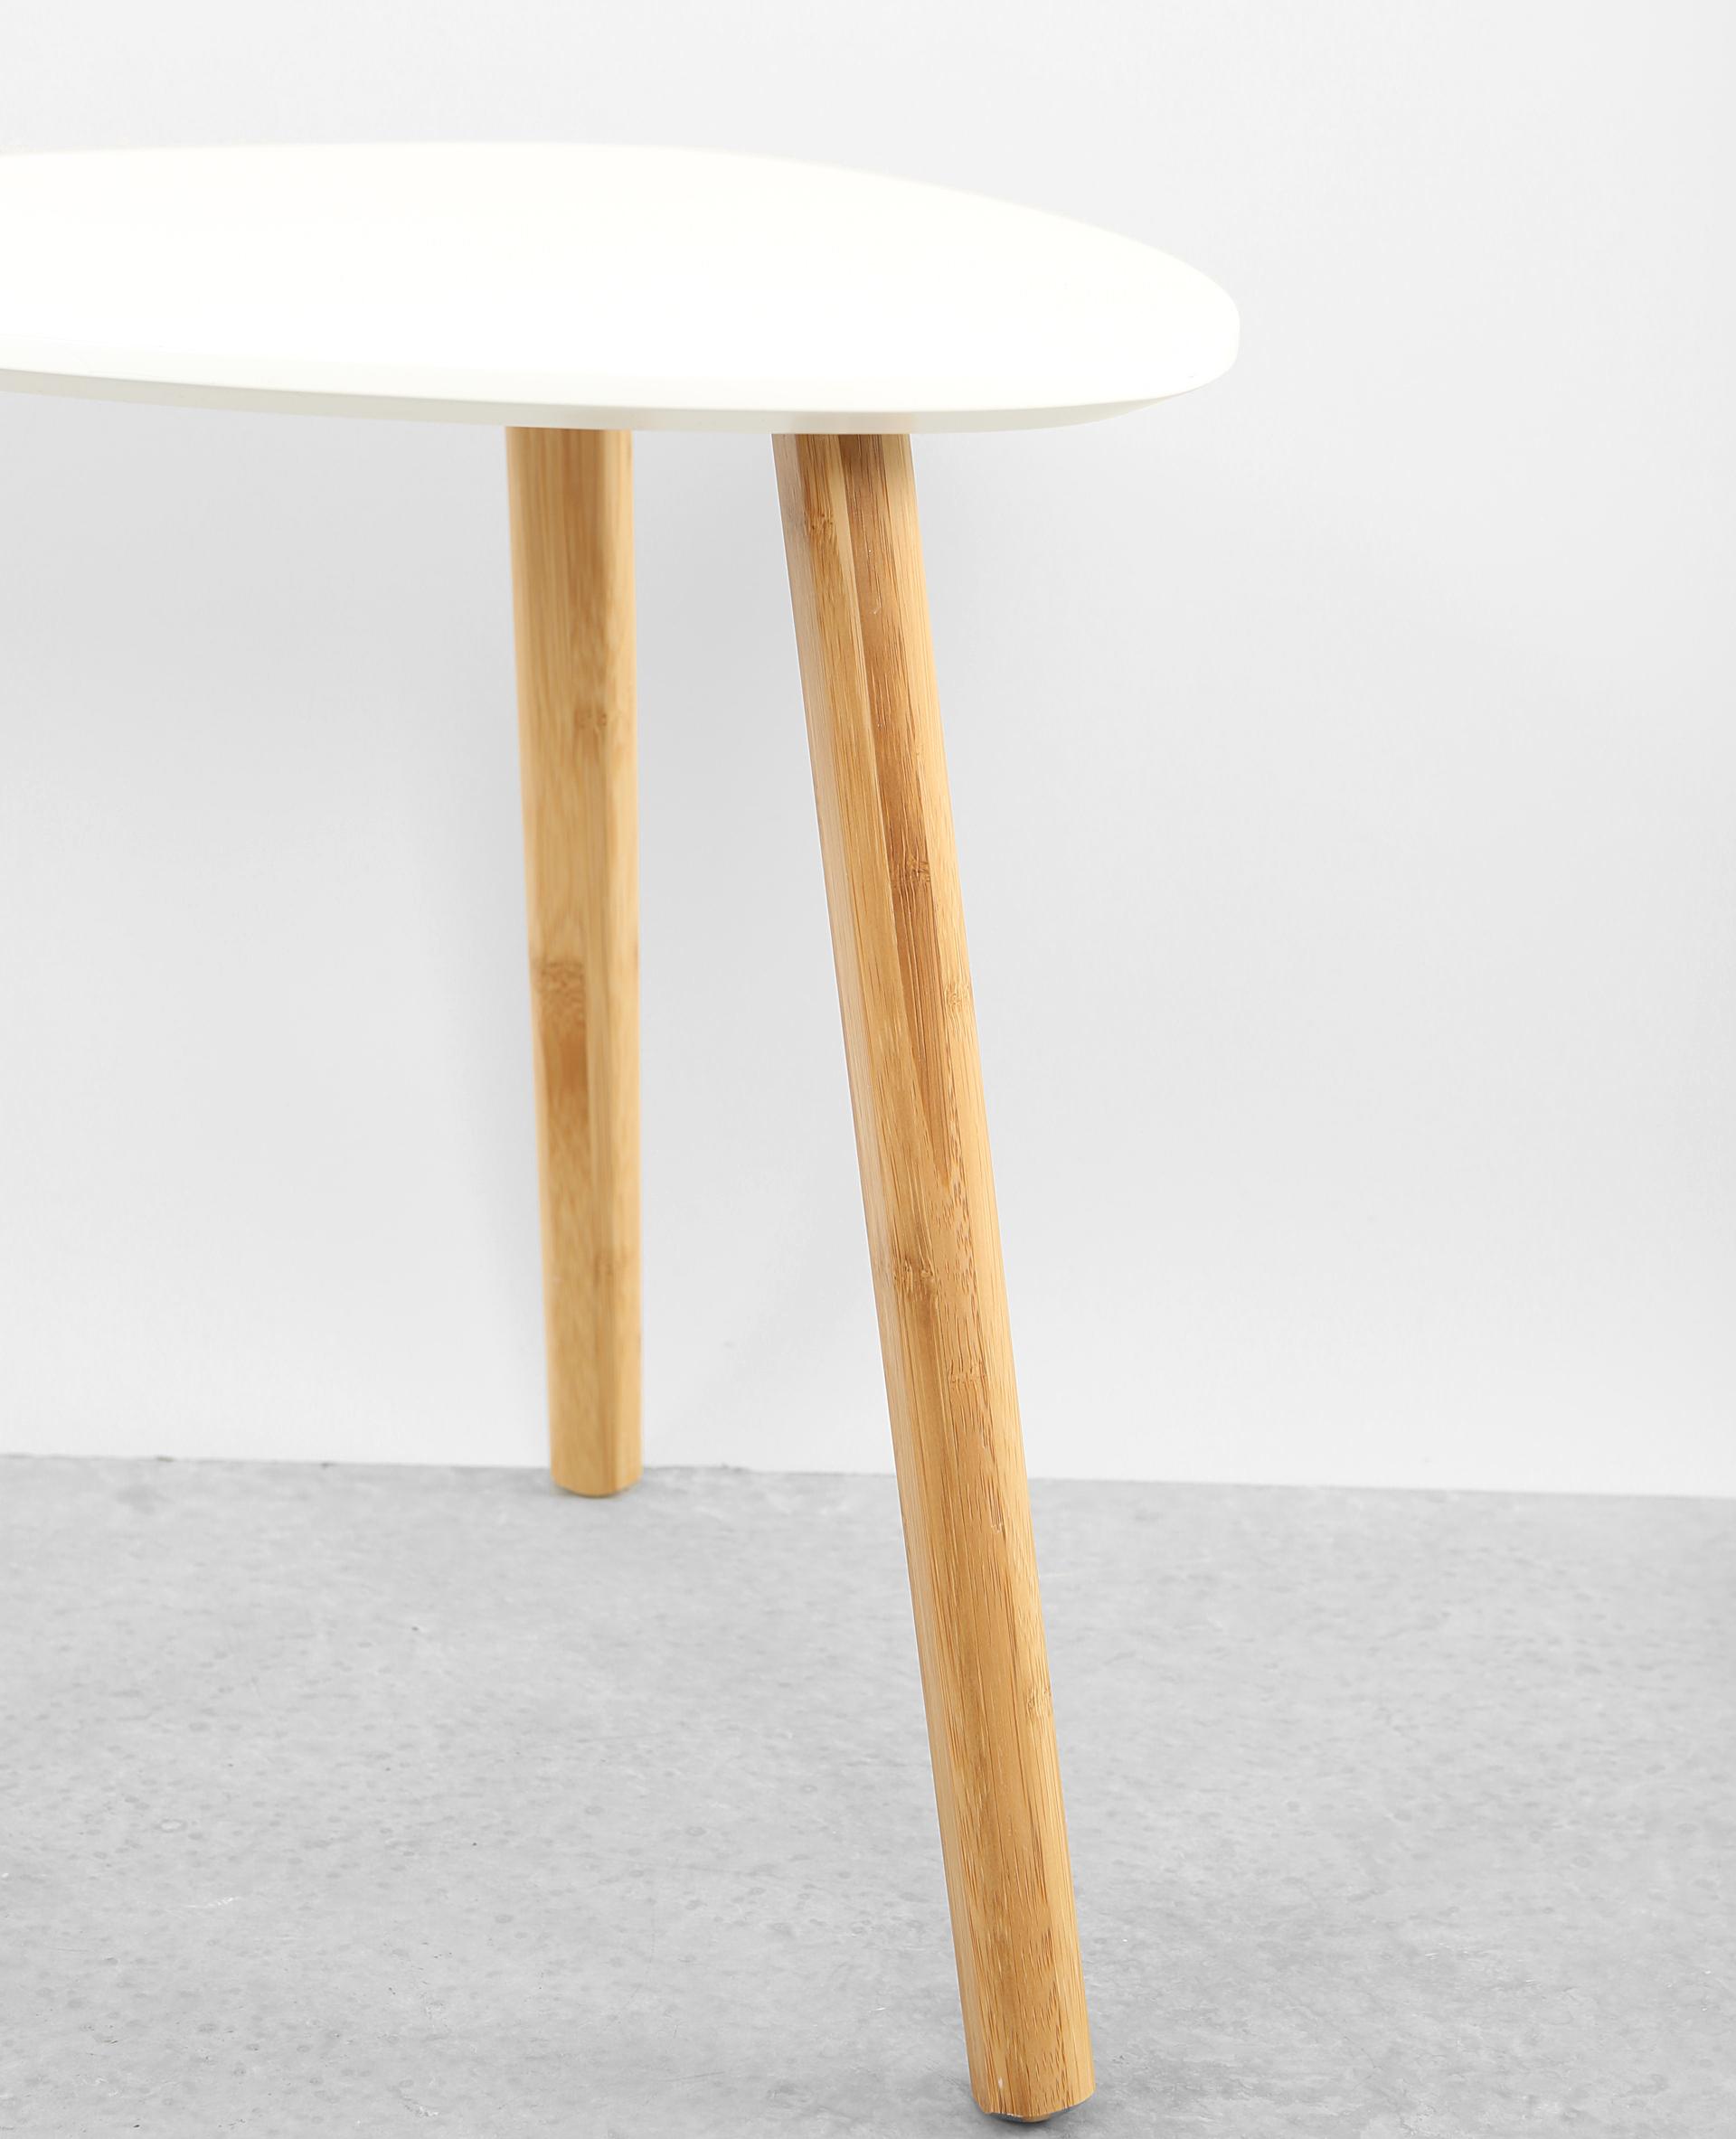 Petite table 3 pieds blanc cassé - Pimkie